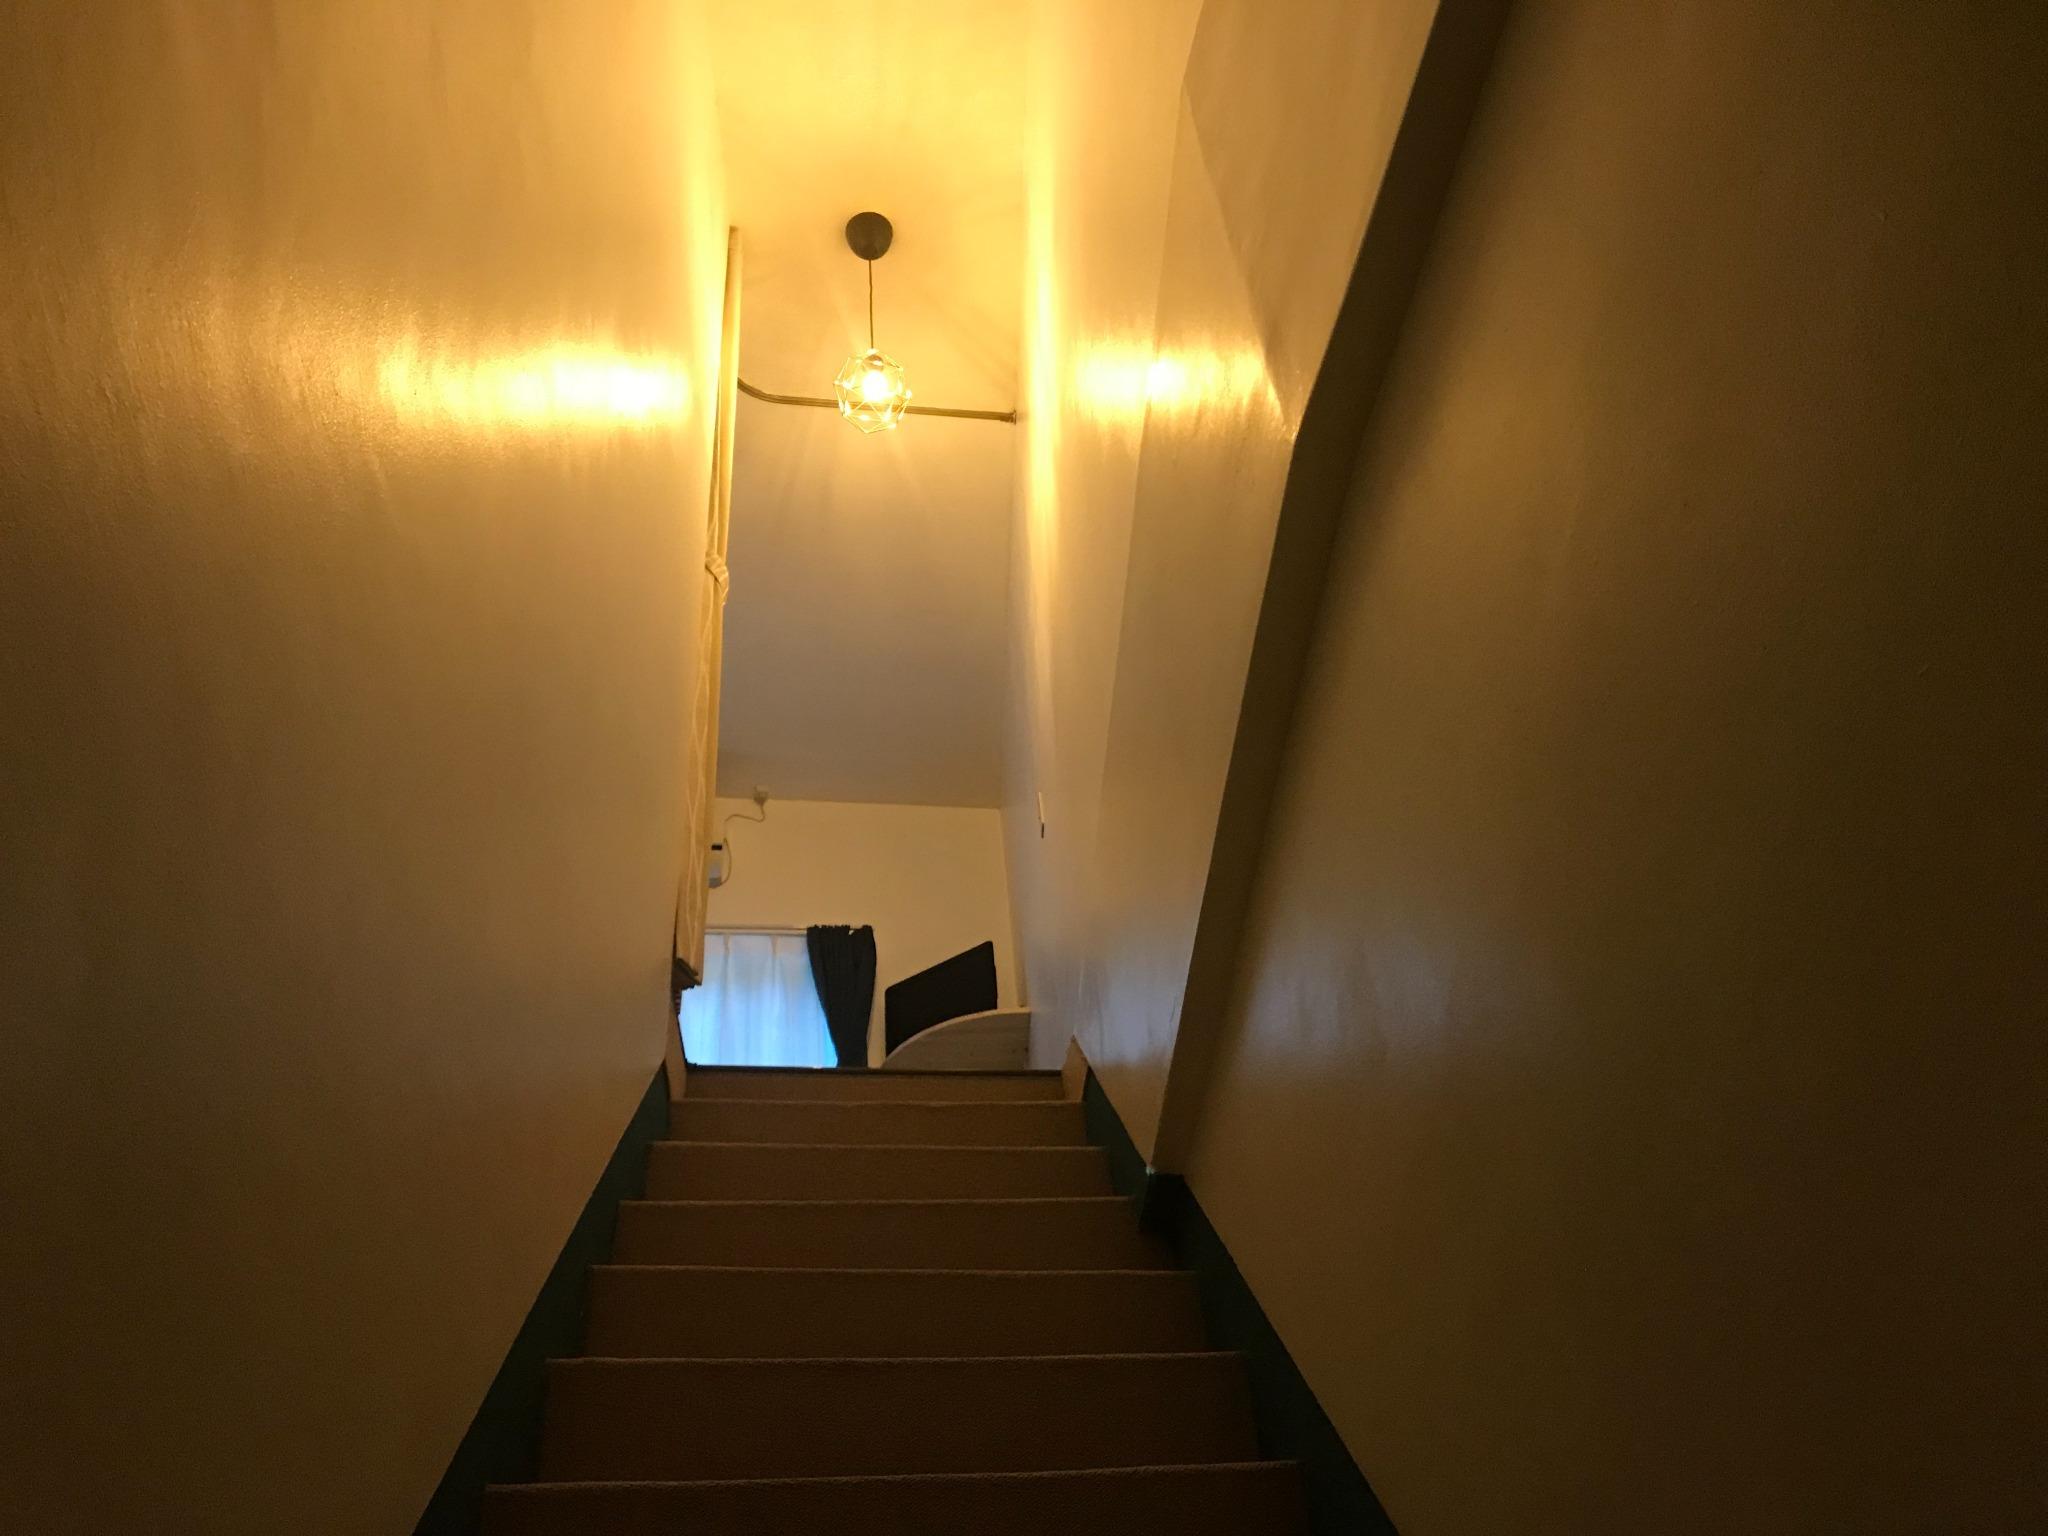 POPURAの部屋は、木の本隧道が見えるシングルベッド2台の物件。鬼ヶ城、松本峠に近いです。